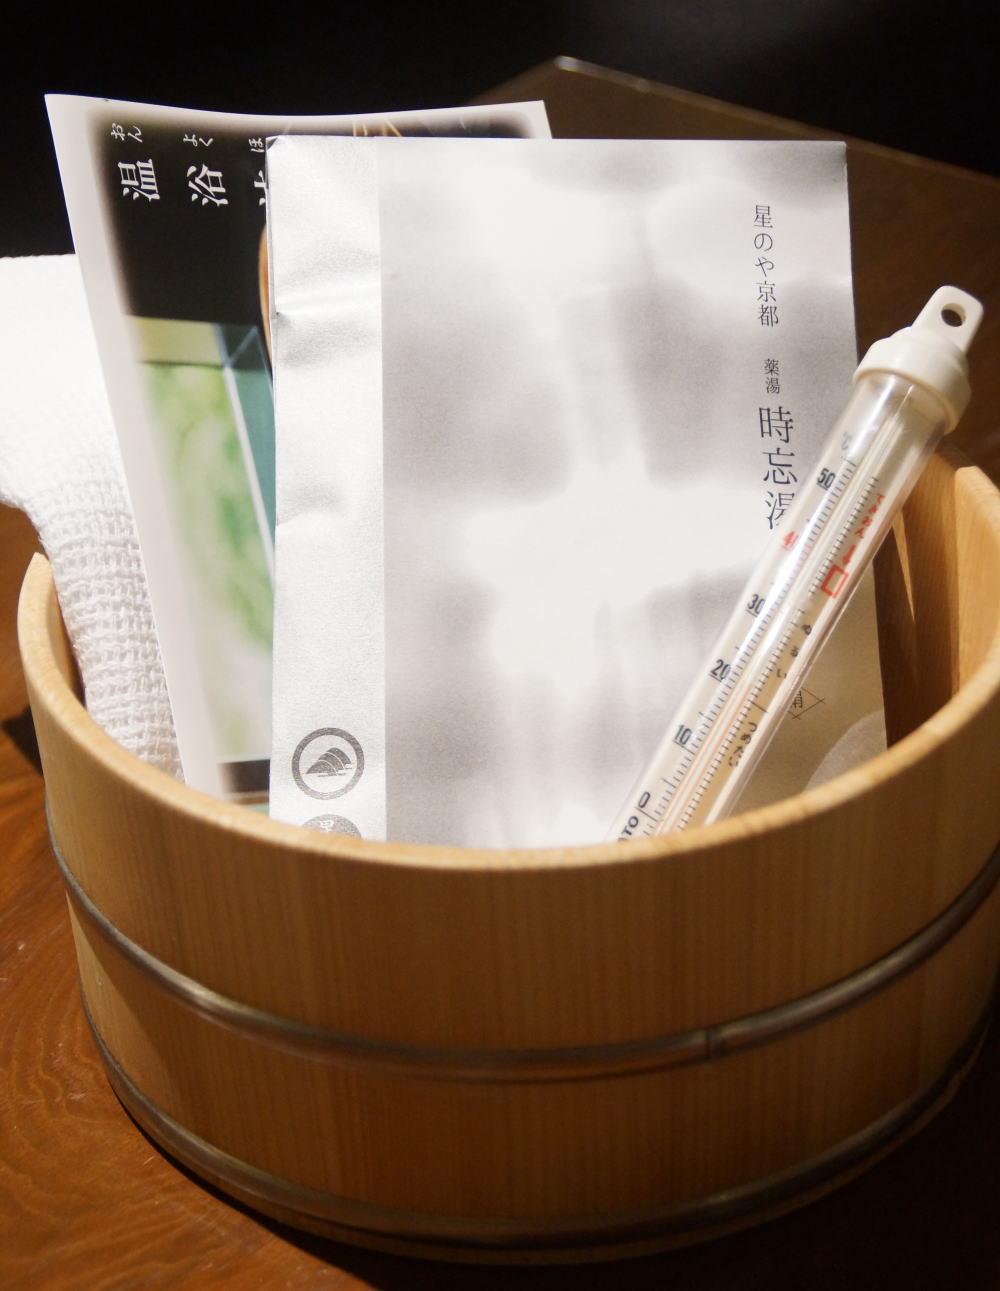 星のや京都 入浴剤